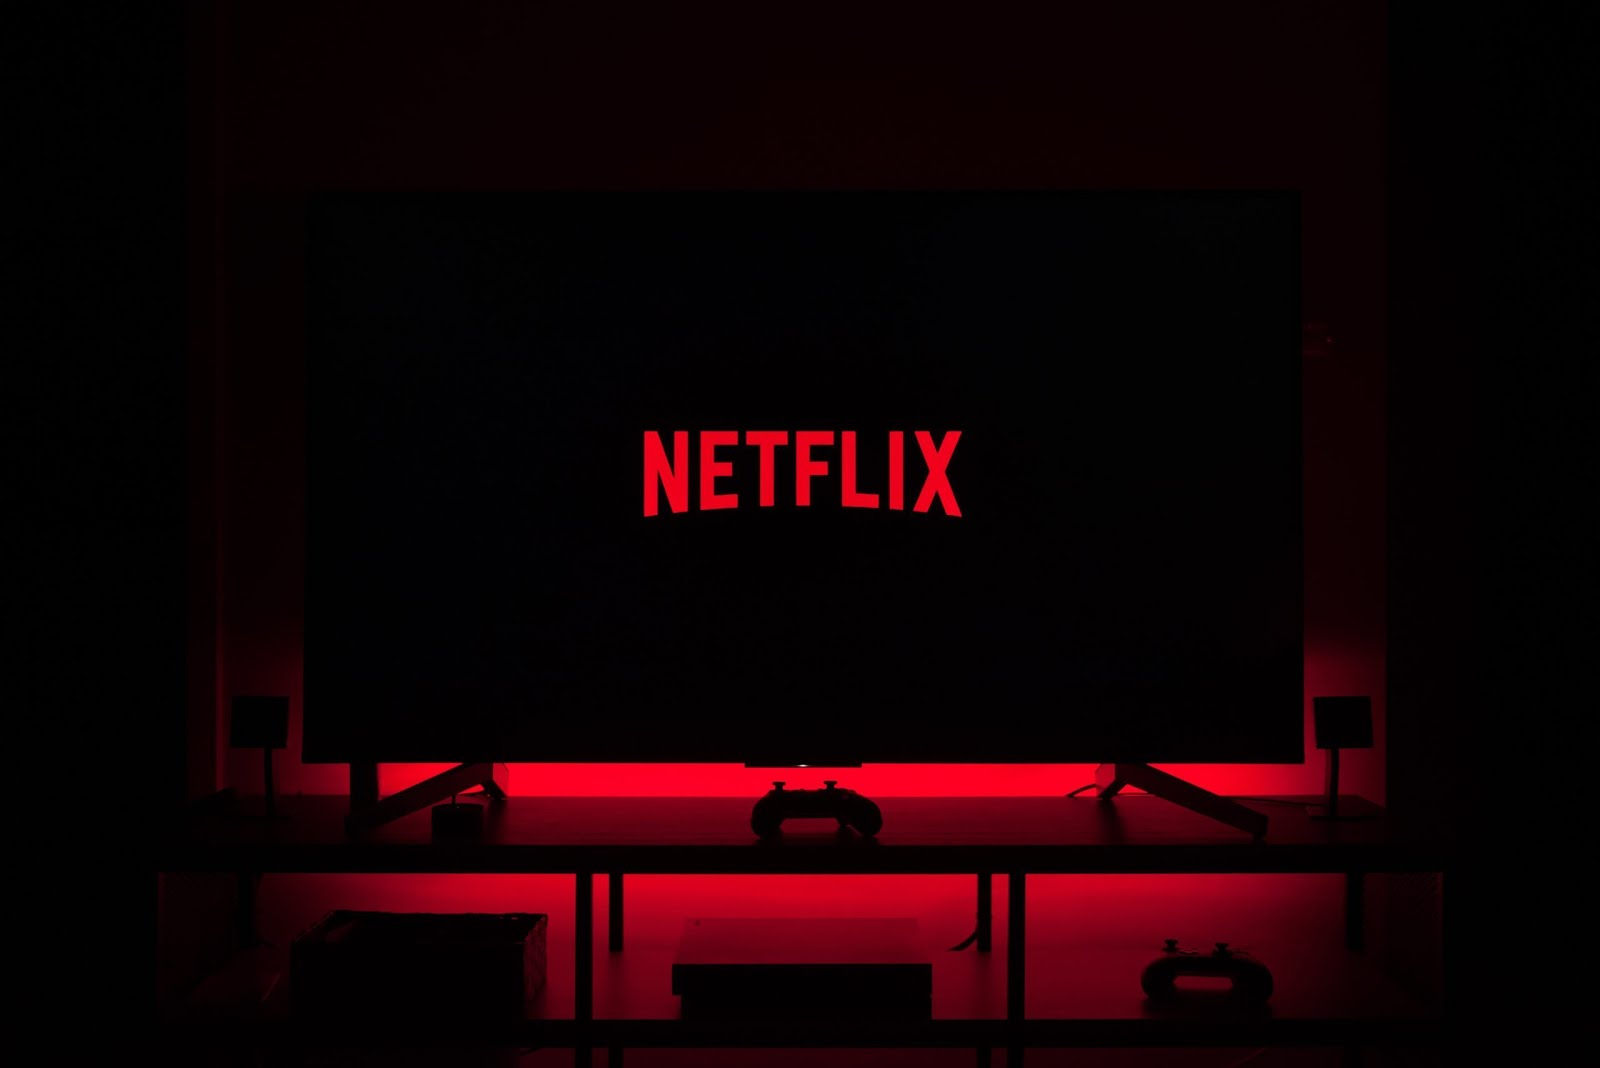 Netflix @ Youtube